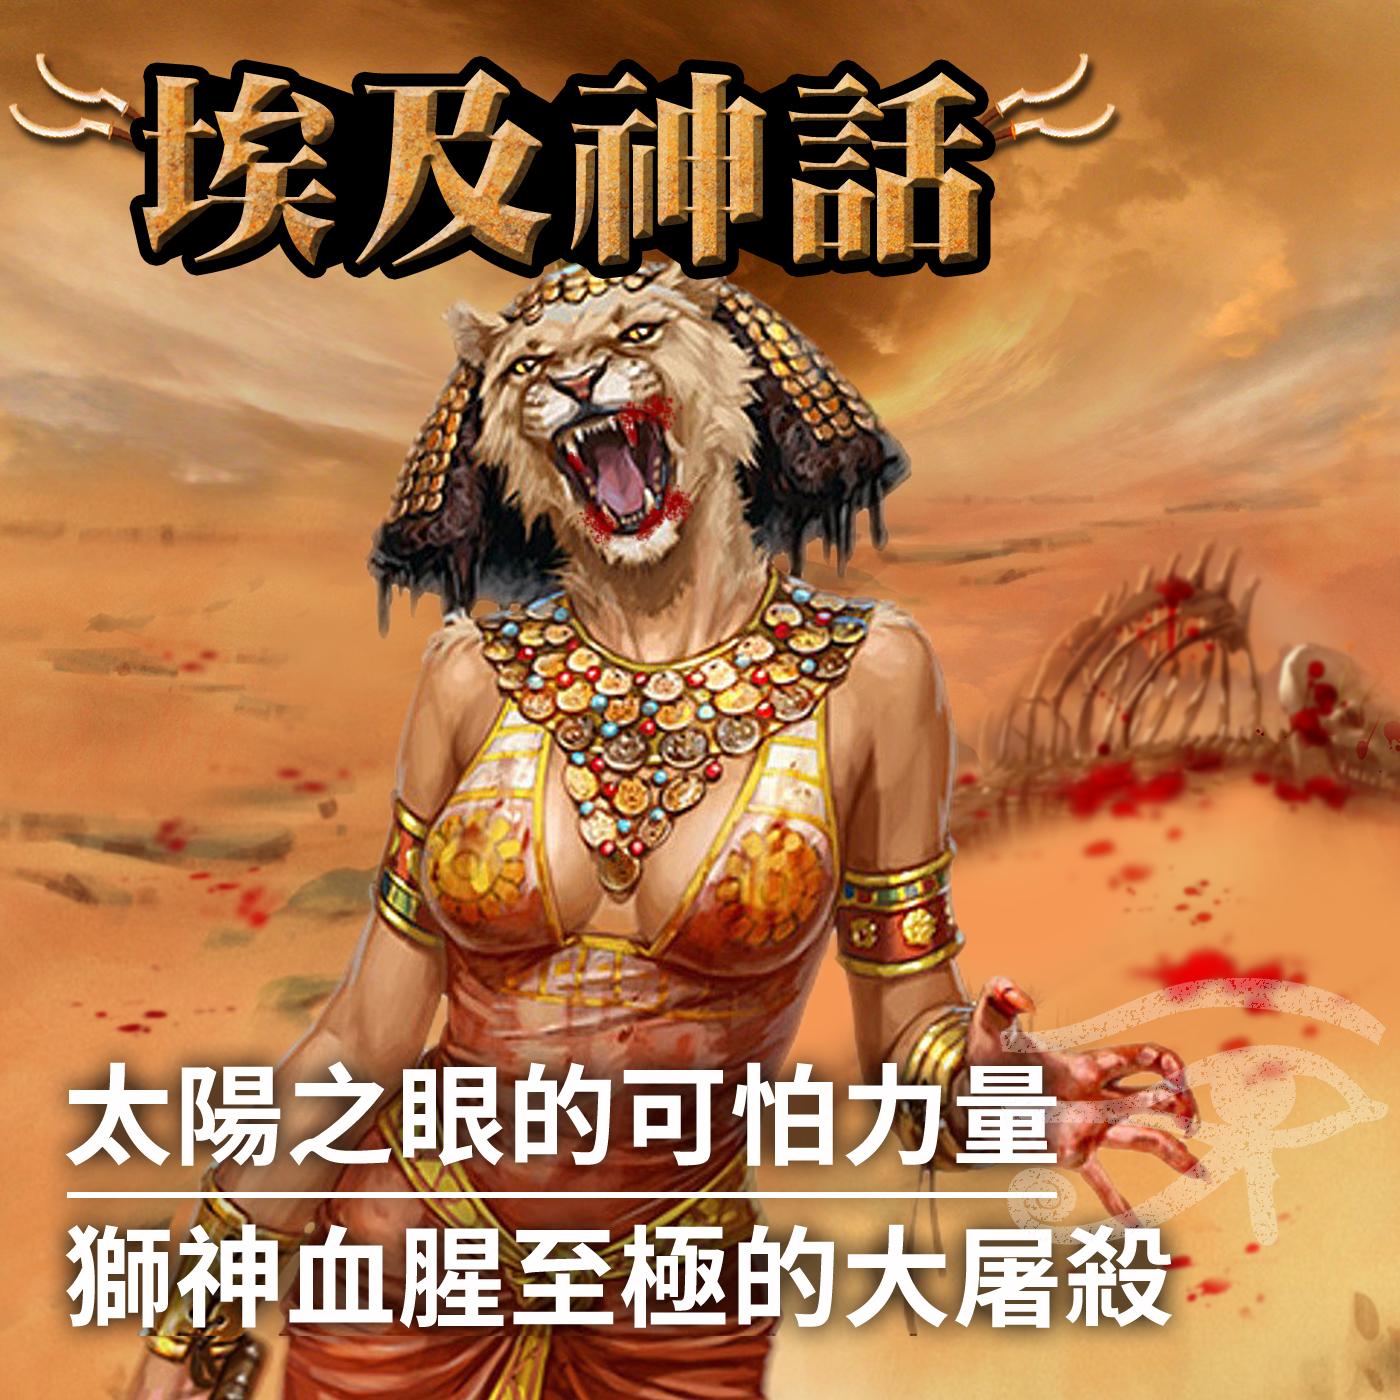 【埃及神話】憤怒的拉神之眼,狂躁的獅首殺神|塞赫美特(Sekhmet)